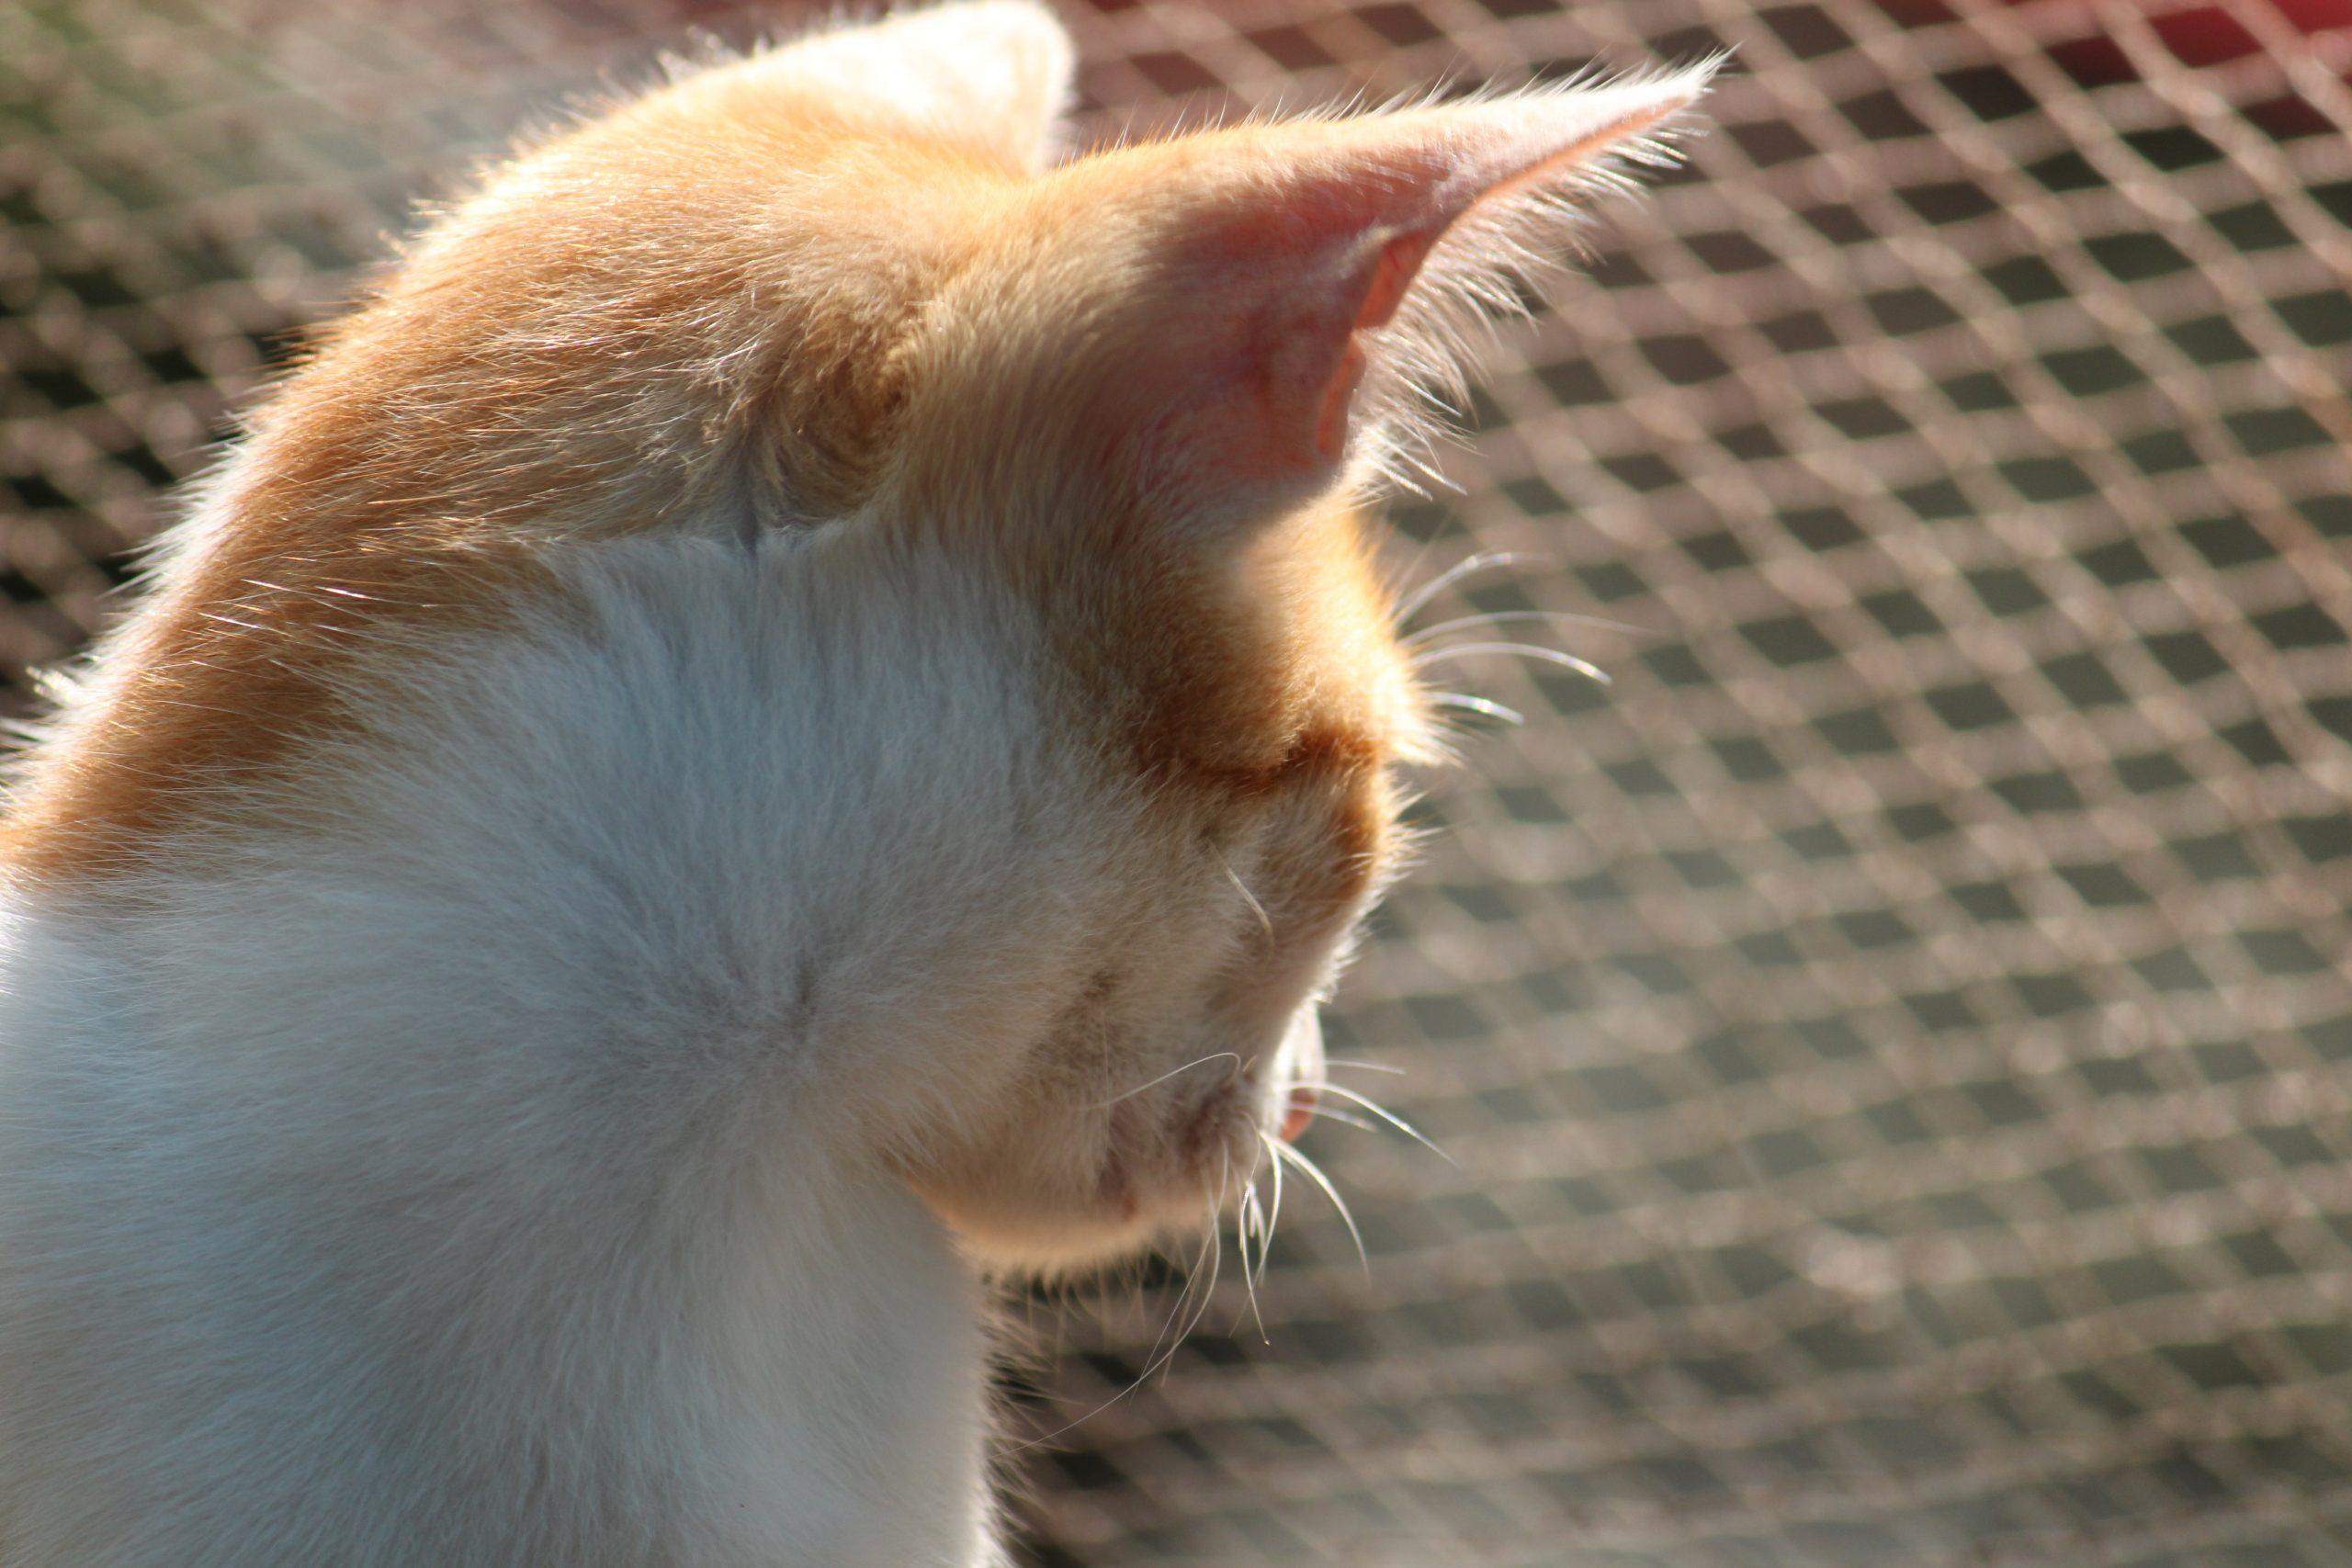 A cute cat.